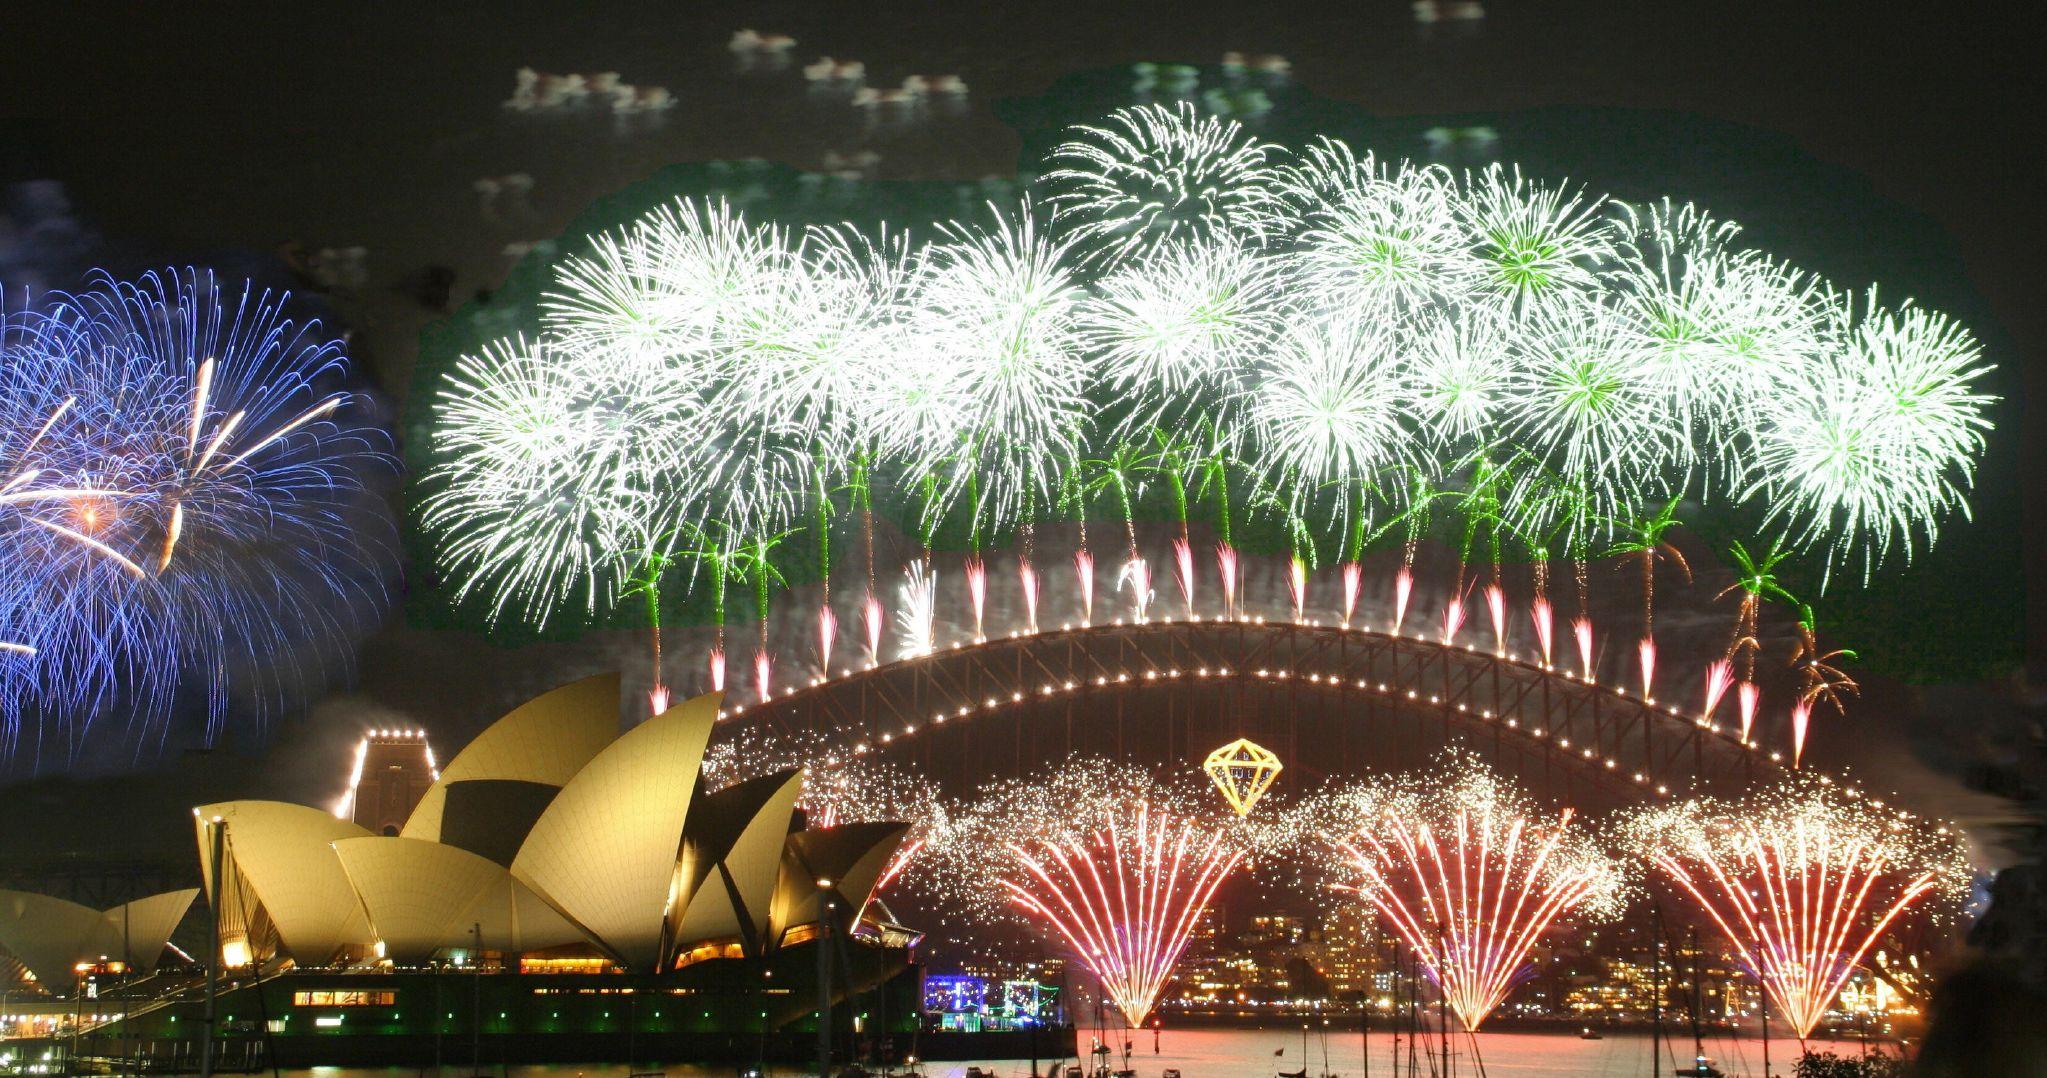 Navio, Ano Novo, Fogos, Costa Diadema, Giovana Quaglio, Tripulante, sydney, australia